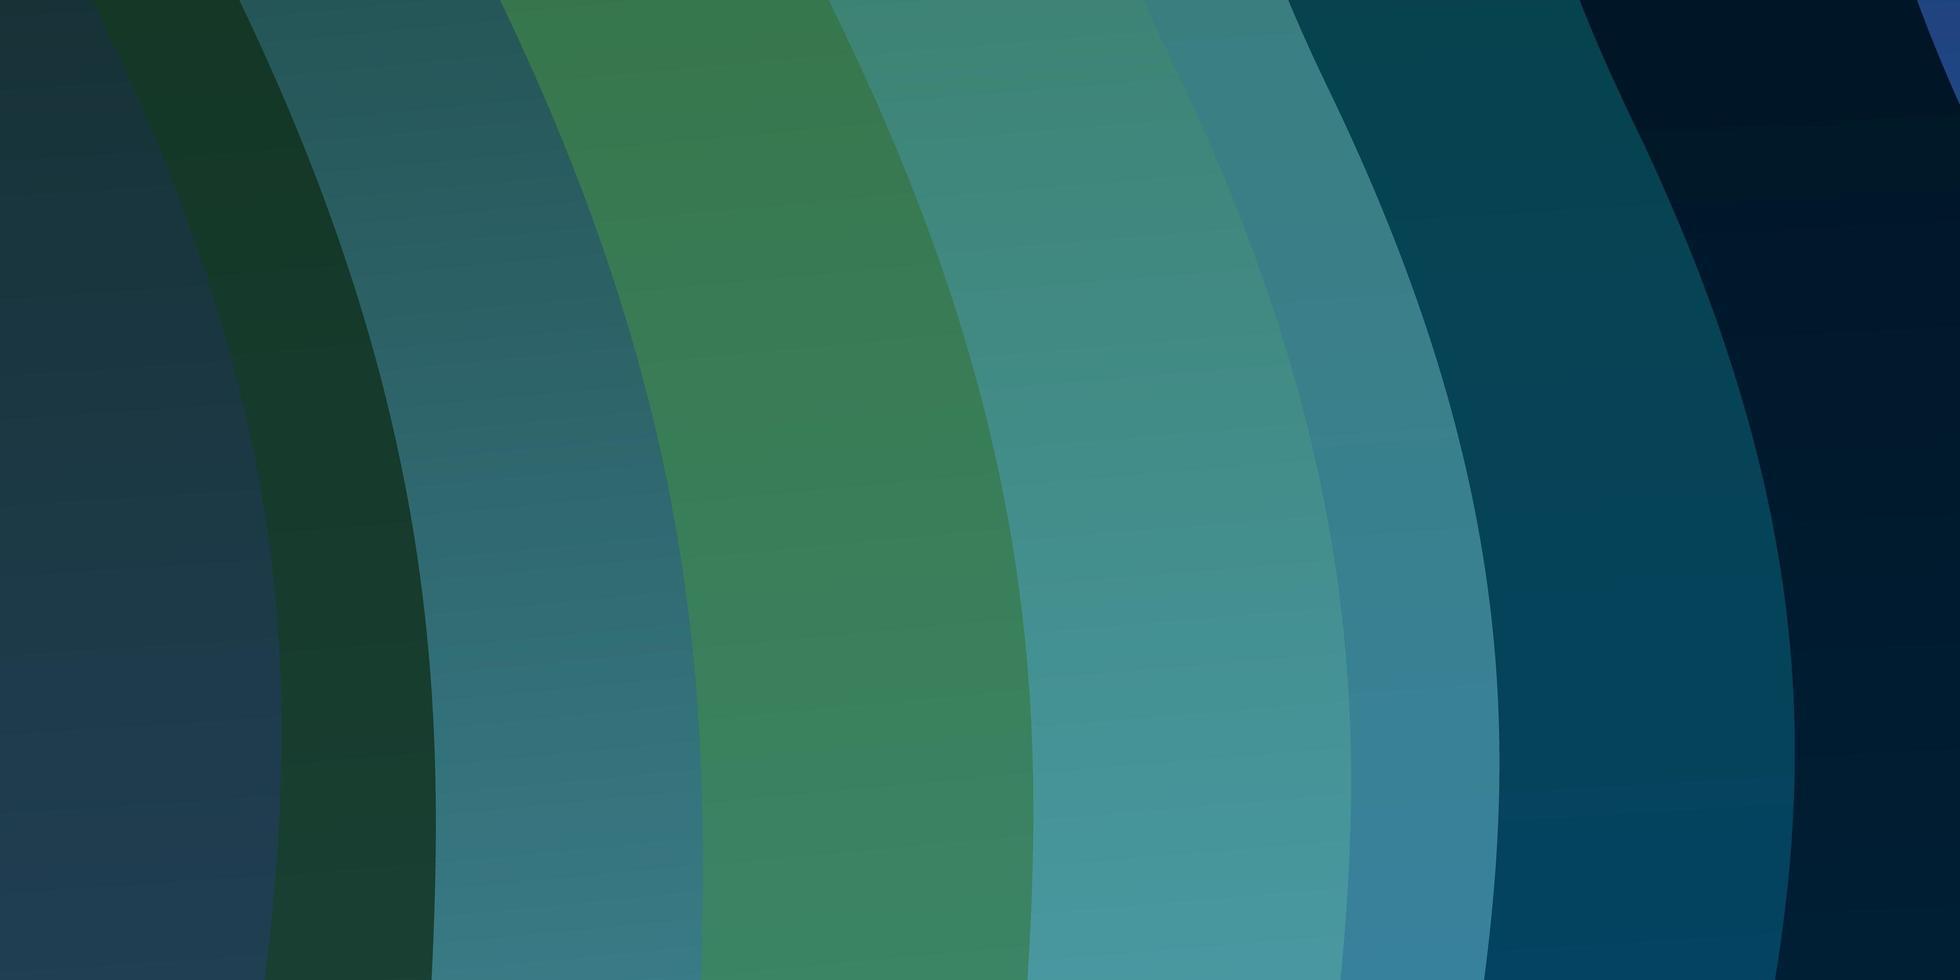 lichtblauwe, groene vectorachtergrond met bogen. vector